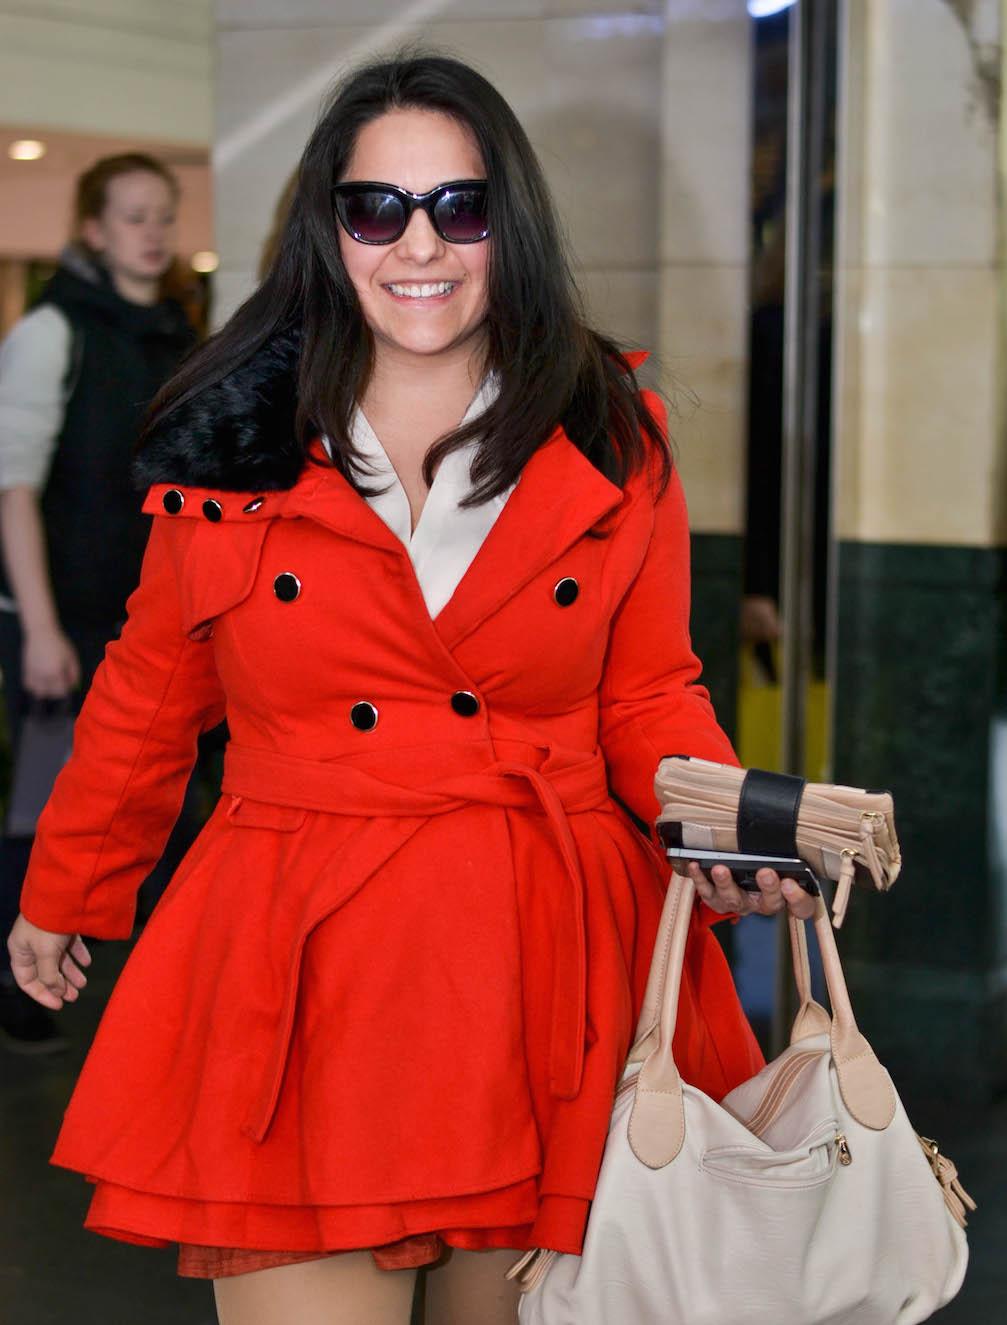 NSW: Veronica Piper, customer service, Pitt St. Photo: Alice Scriberras